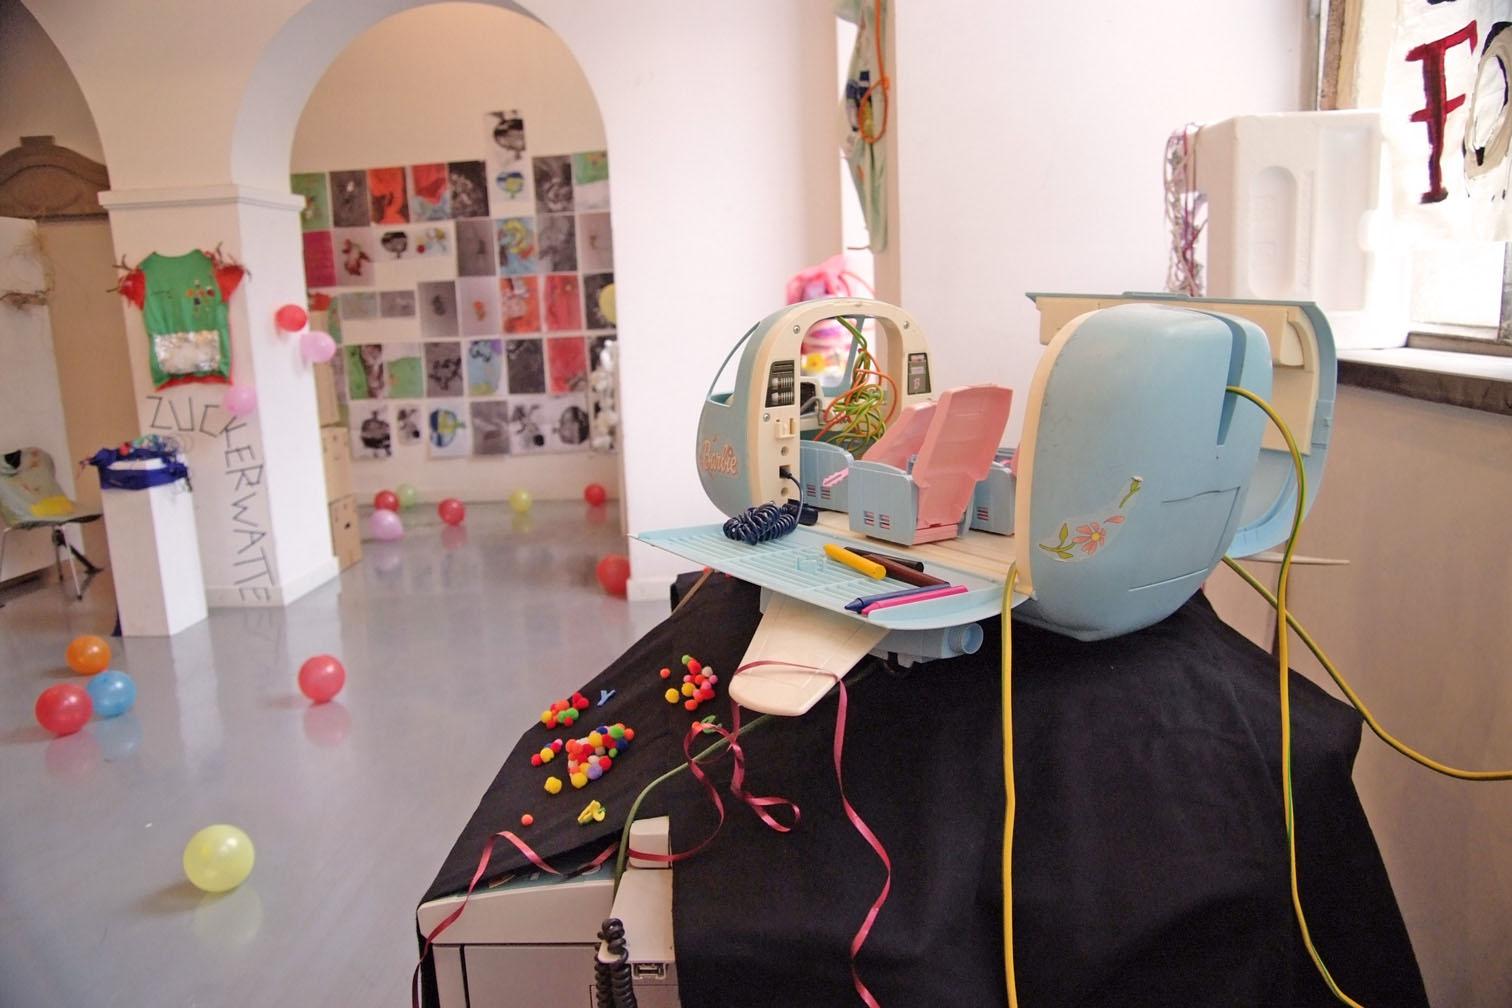 gerrit_schweiger-Rummel-2030-Zukunft-Kinder-Kreativität-Mode-Workshop-Modenschau-Ausstellung-01